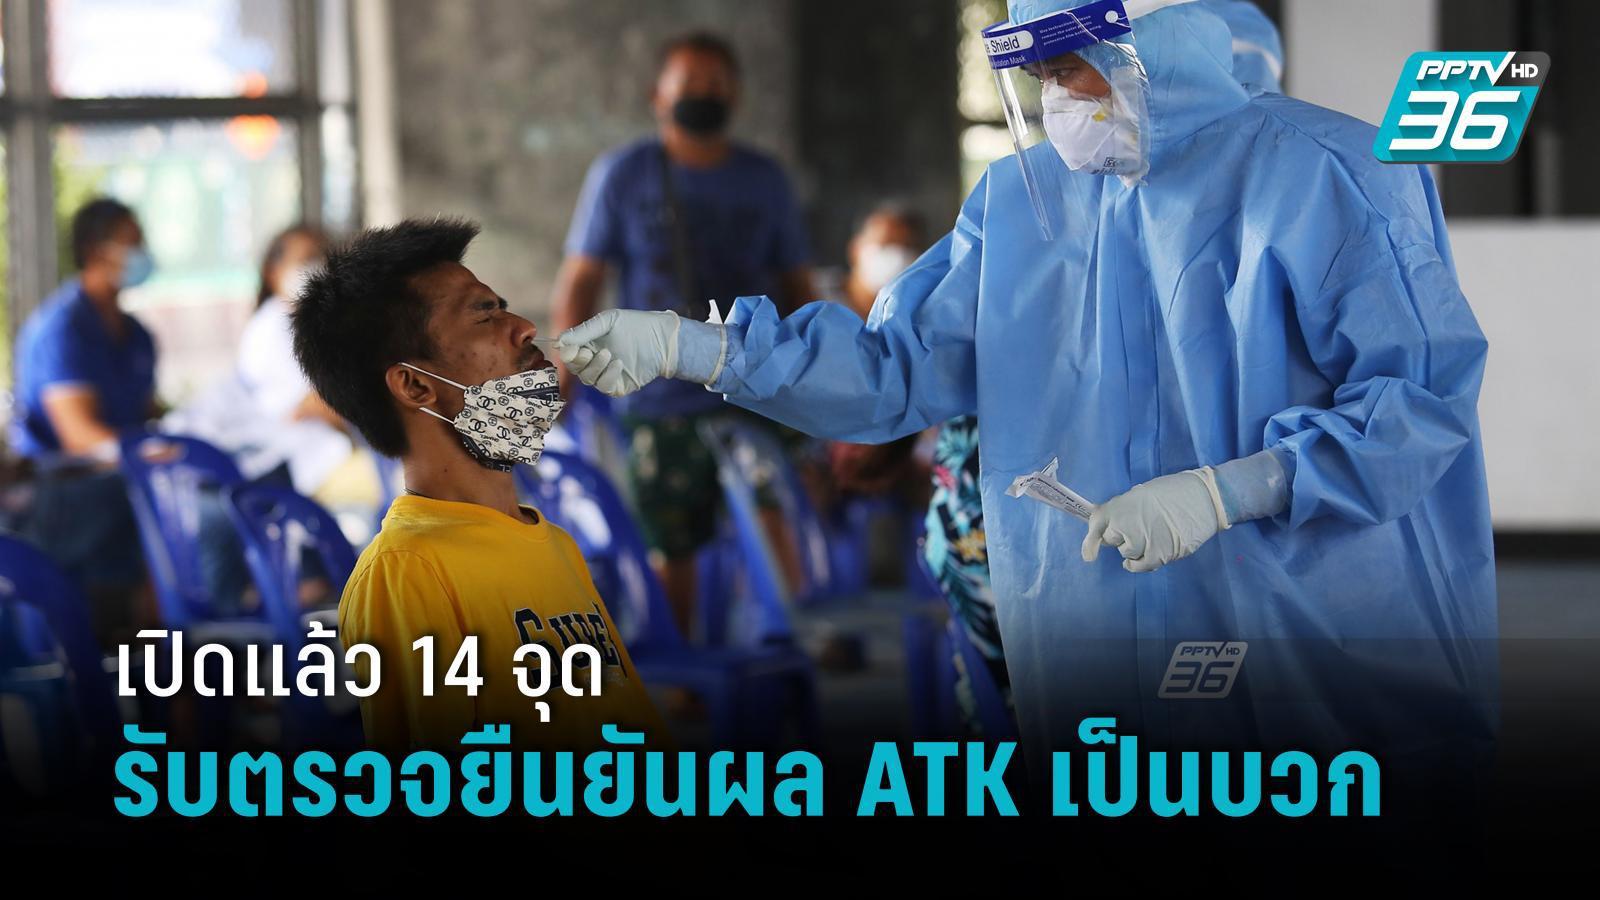 กทม. ตั้ง 14 จุด รับตรวจ RT-CPR ยืนยันผลตรวจโควิดกลุ่มตรวจด้วยตัวเอง จากชุด ATK เป็นบวก